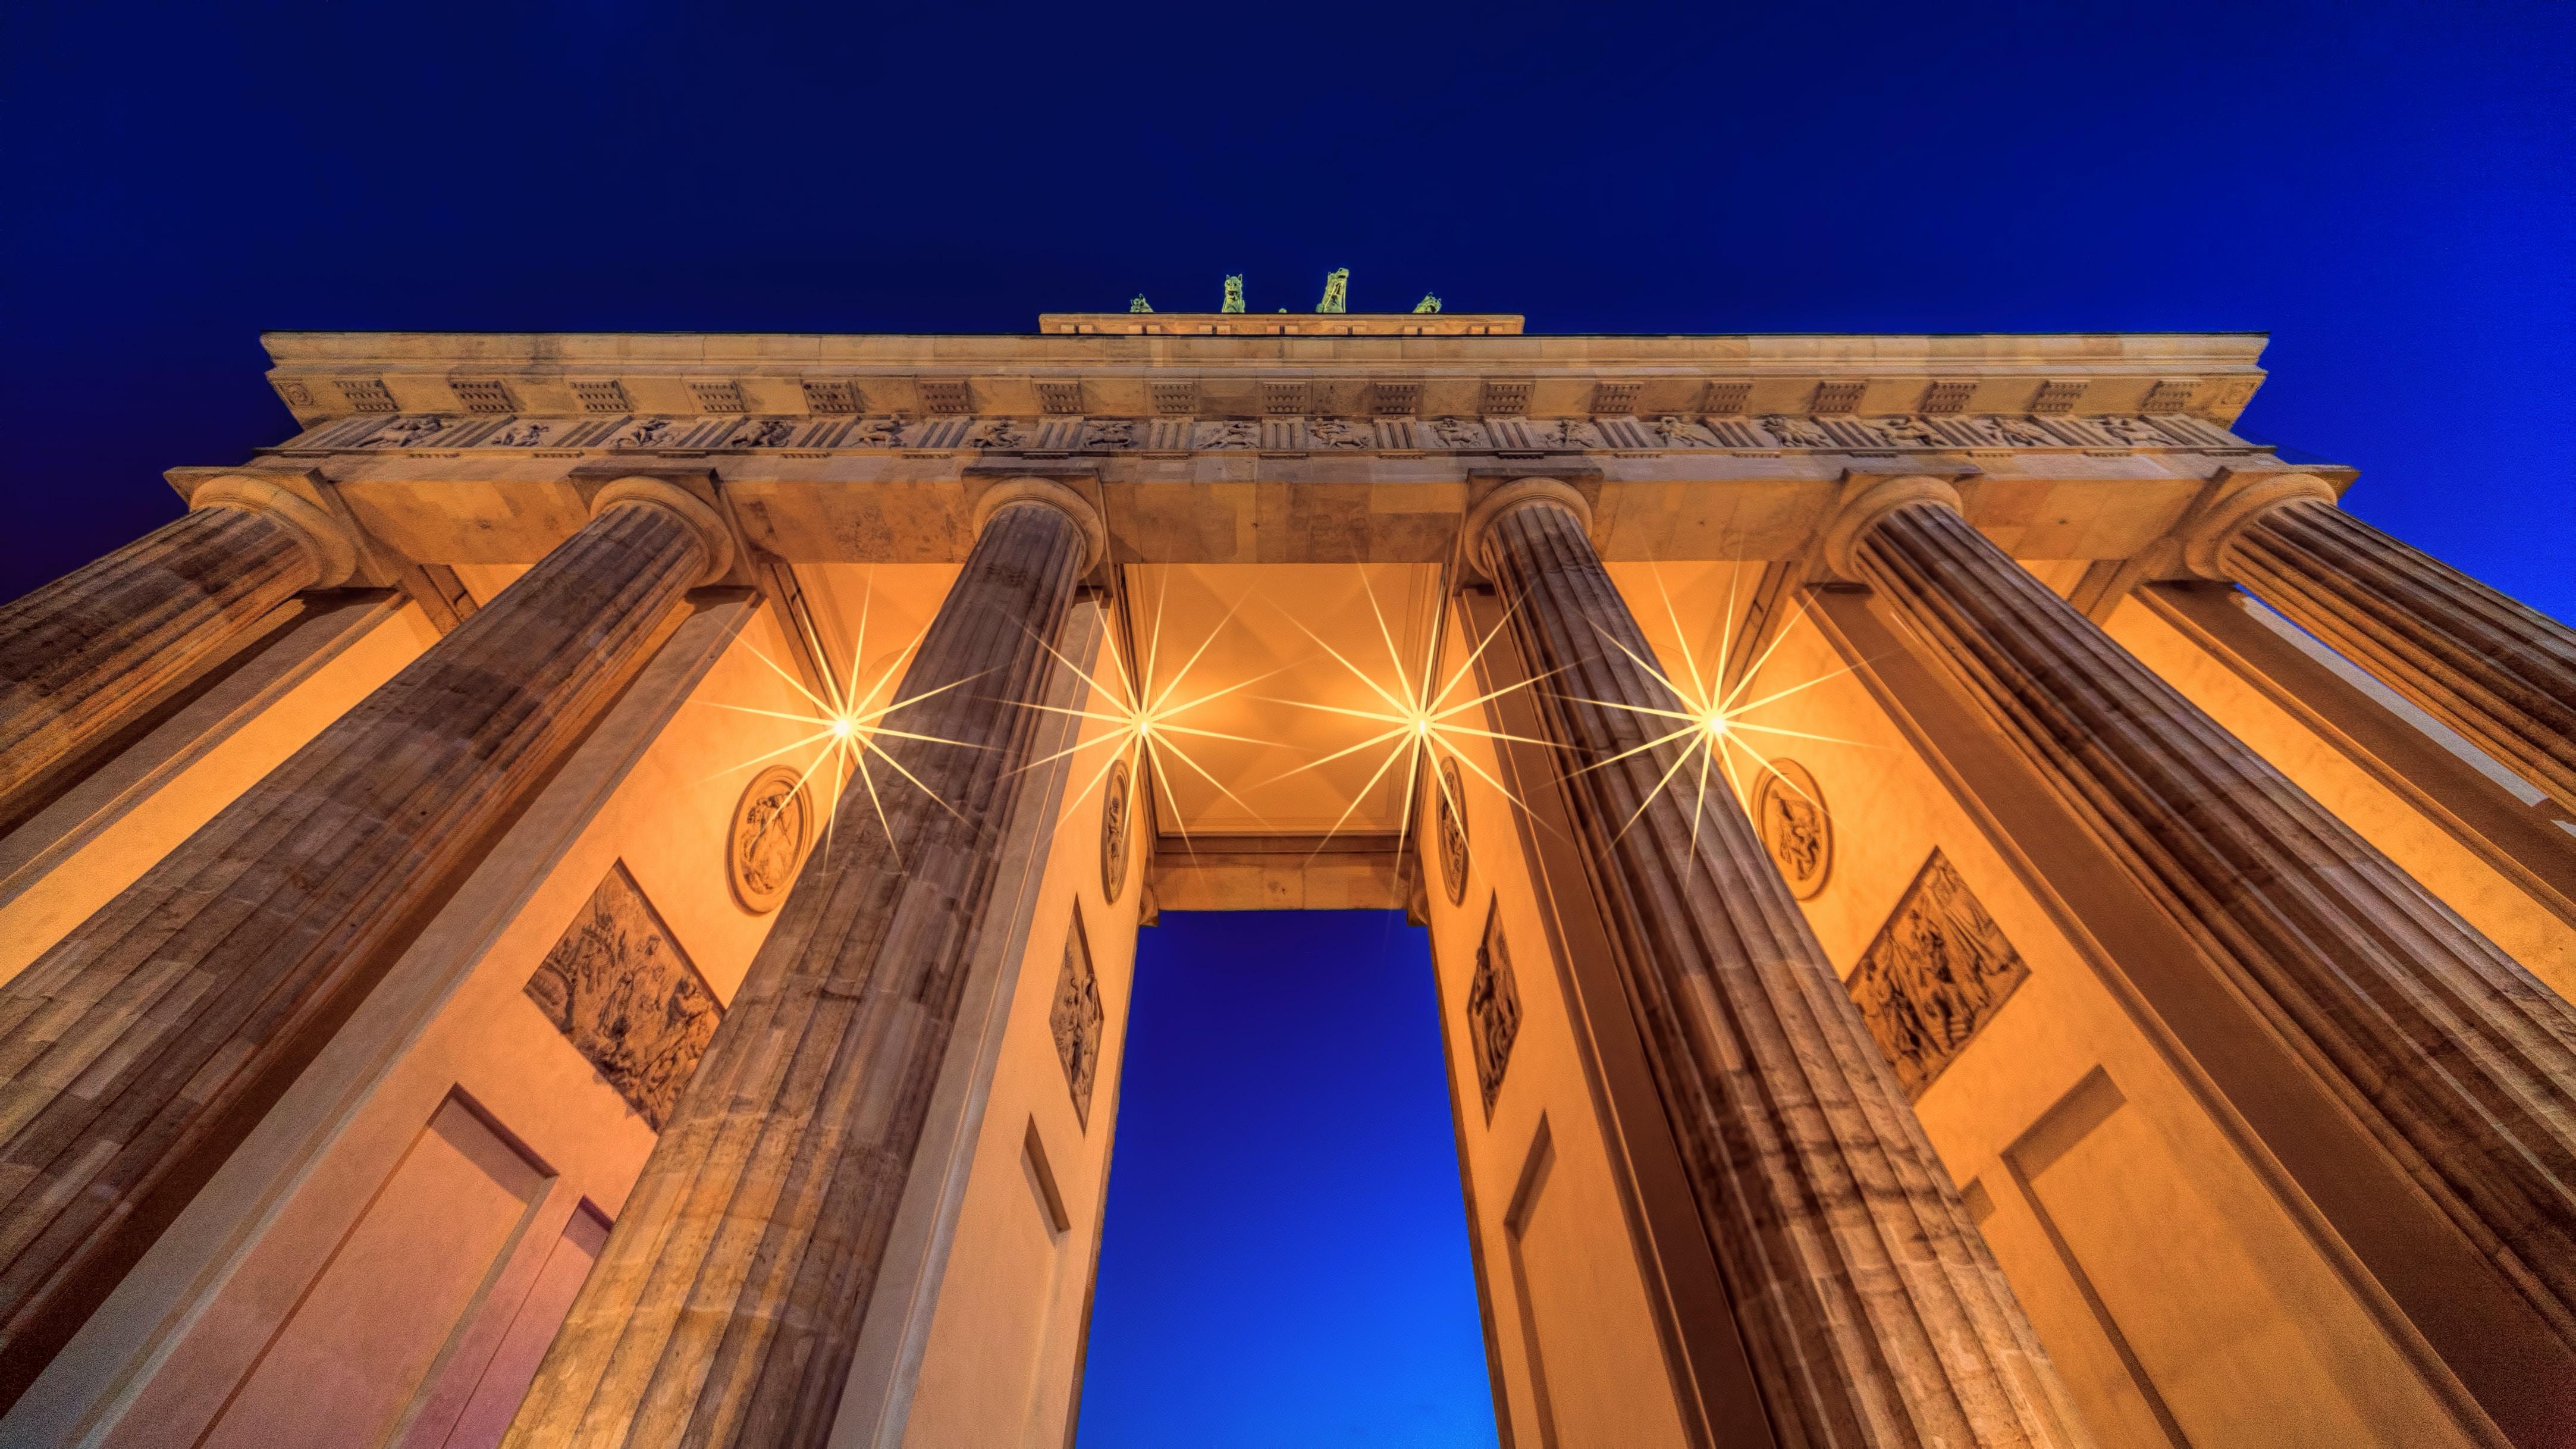 concrete arch under blue sky